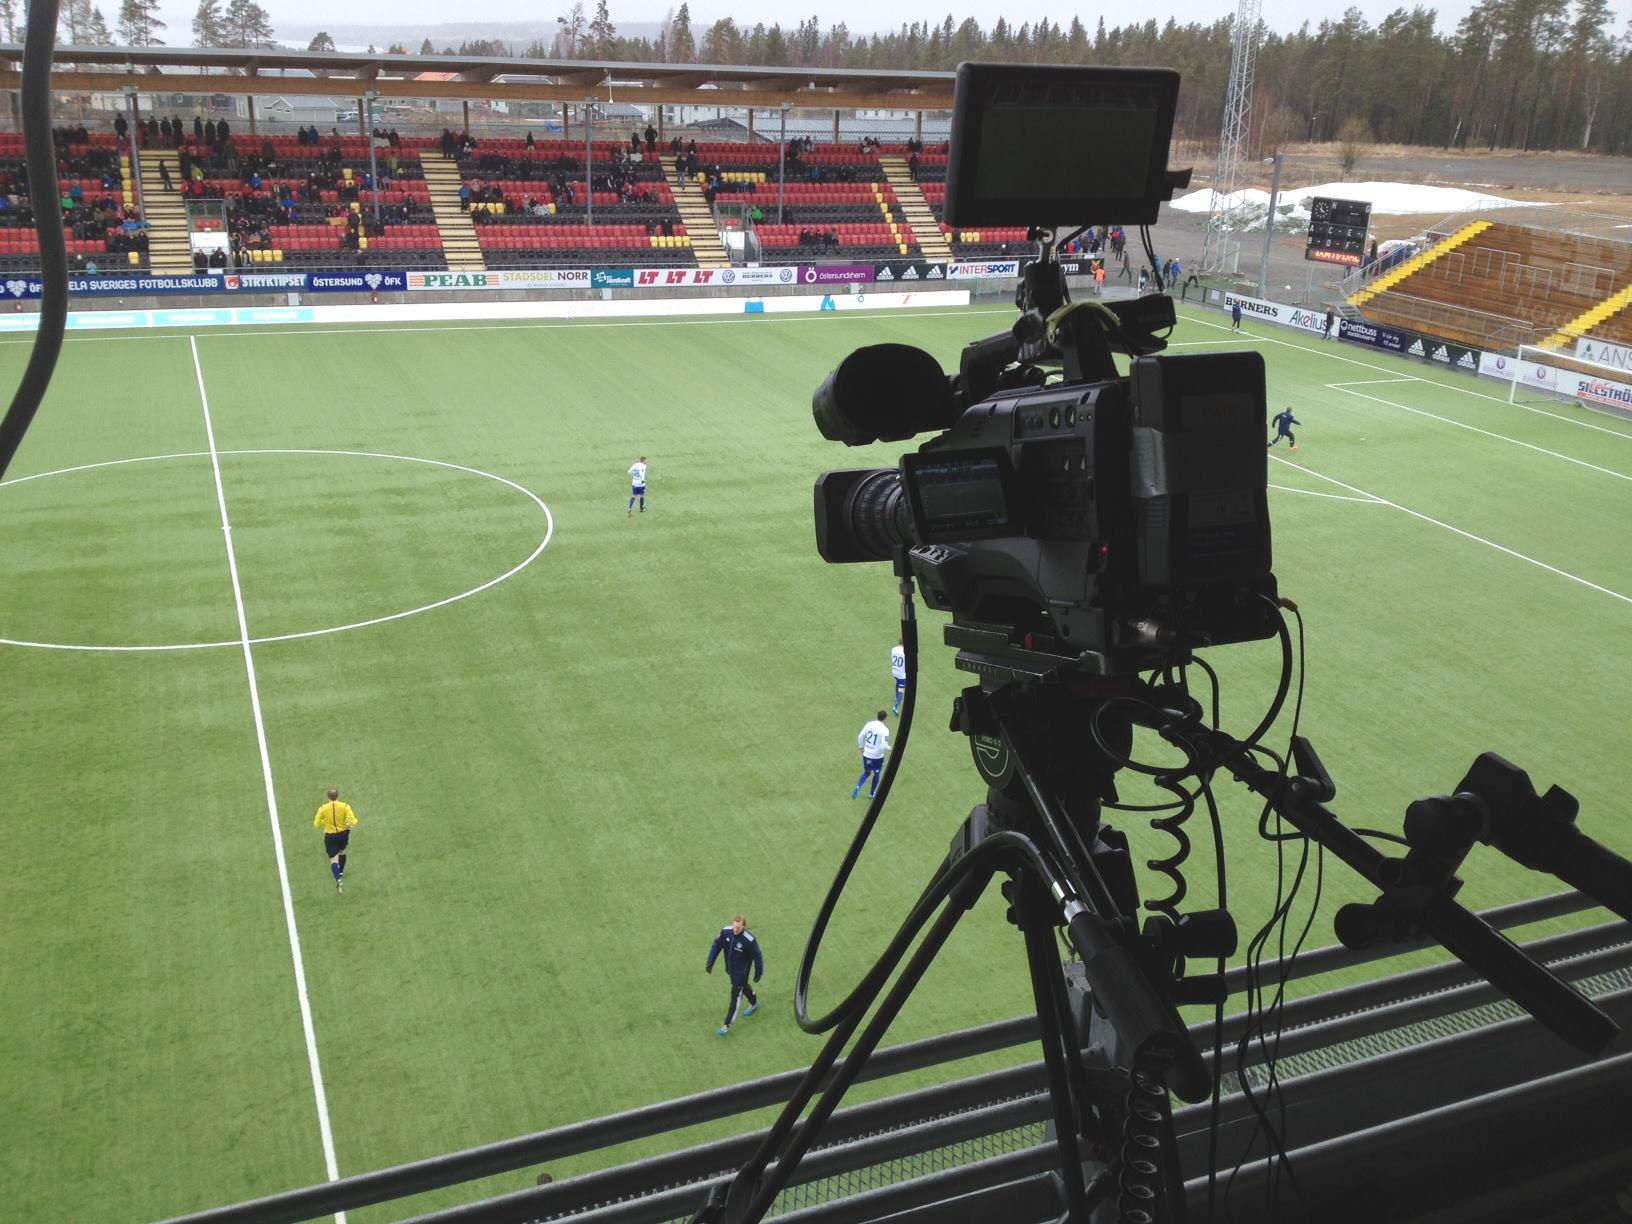 Inför en webb-TV sändningen på C-more och en Superettan match på Jämtlandsarenan.